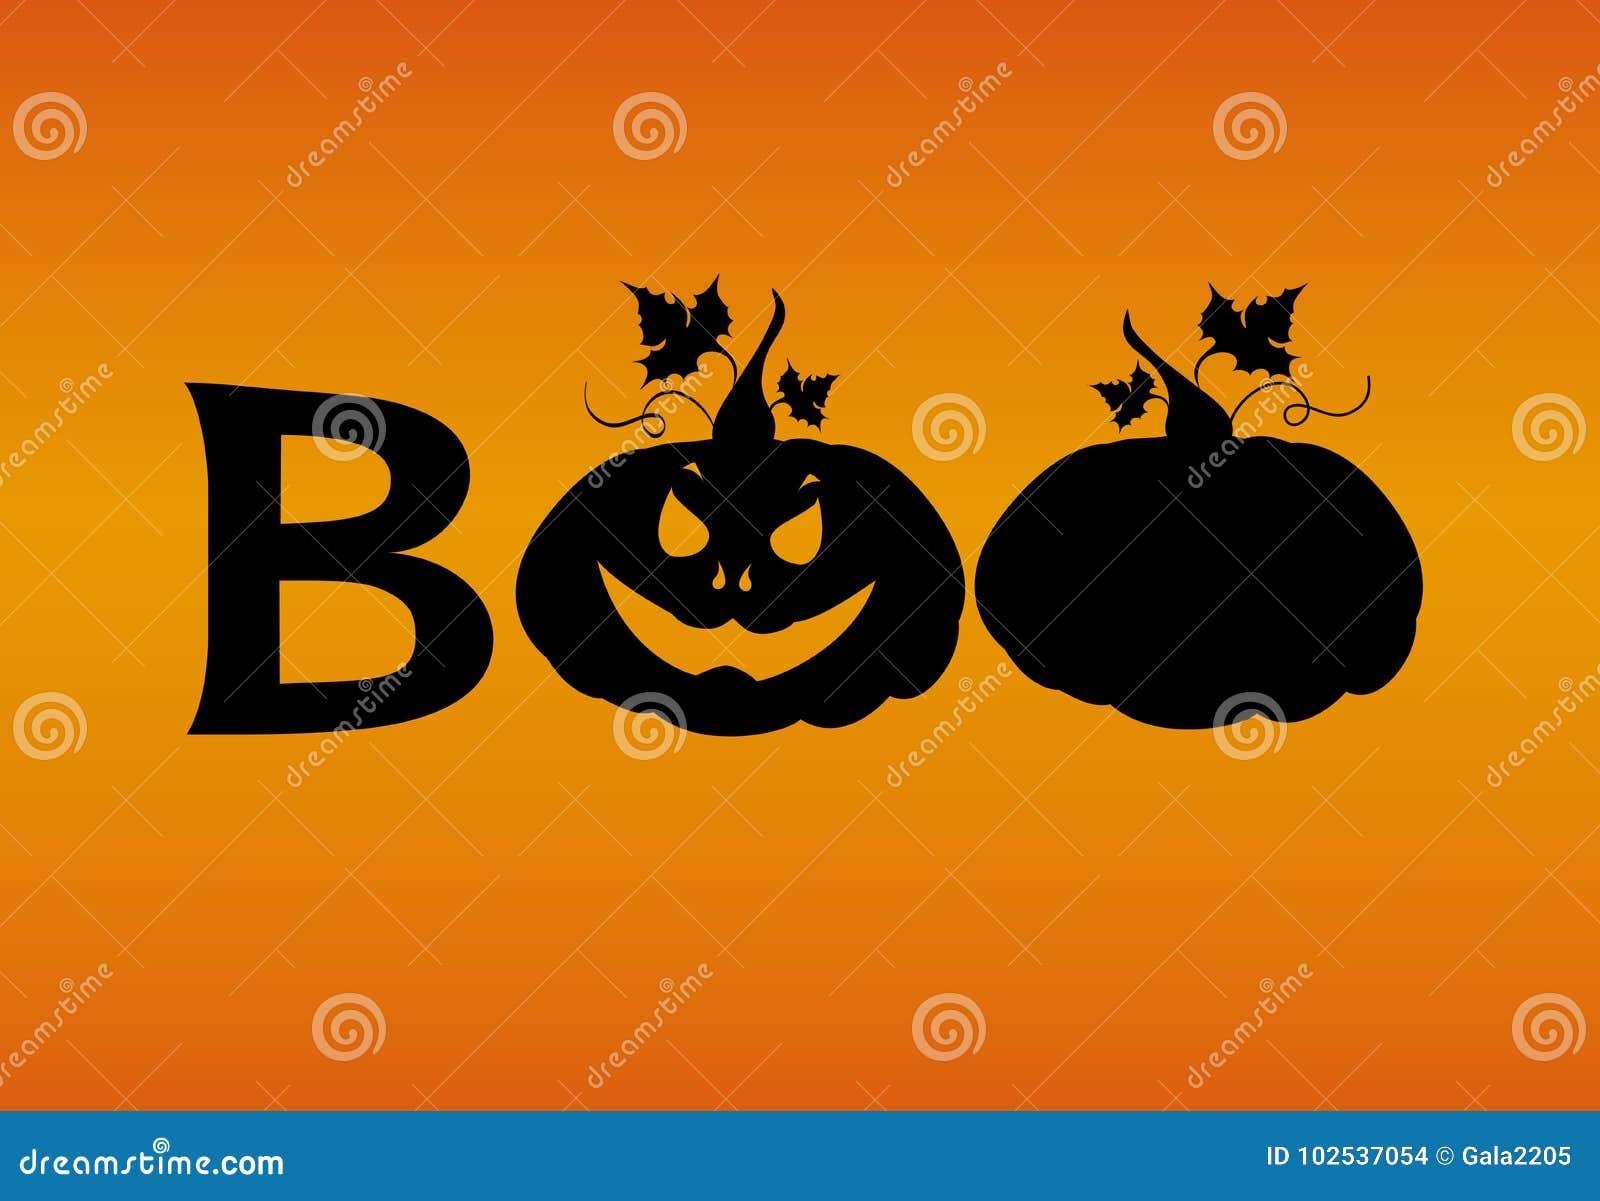 Halloween message boo from pumpkins vector words for invitatio halloween message boo from pumpkins vector words for invitations to a party or greeting card m4hsunfo